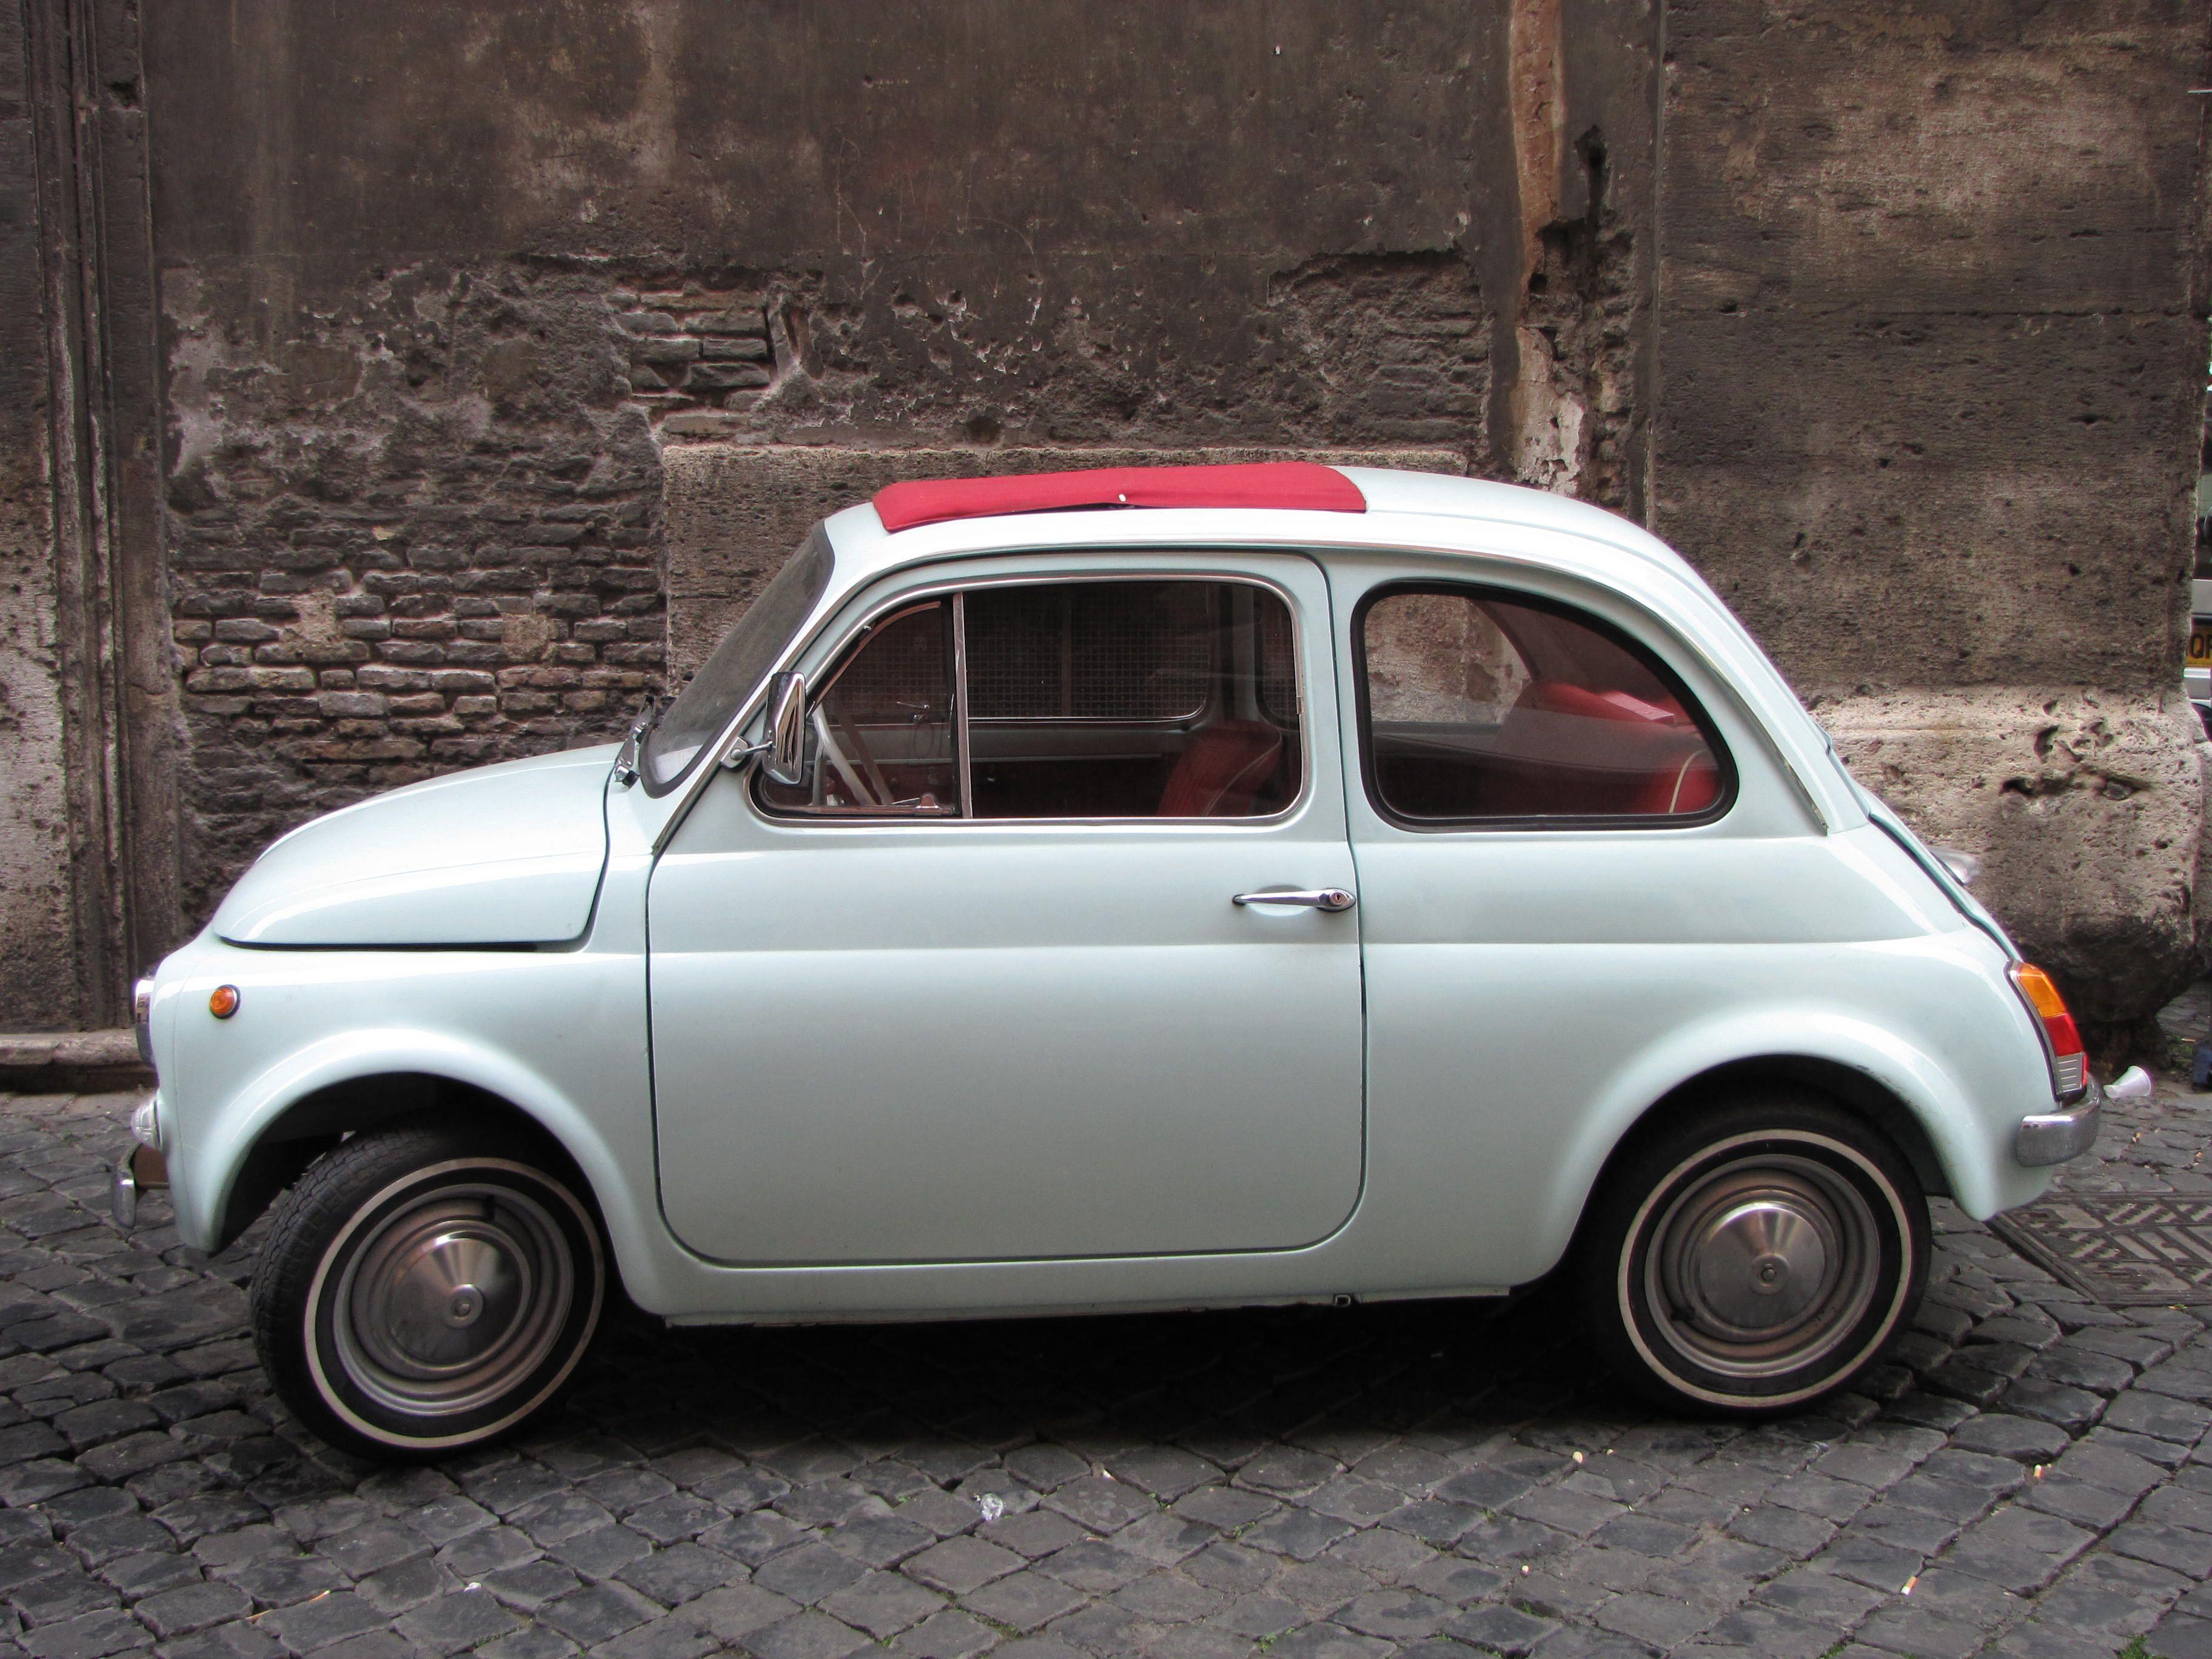 Fiat 500 in Rome, Jan 2012.